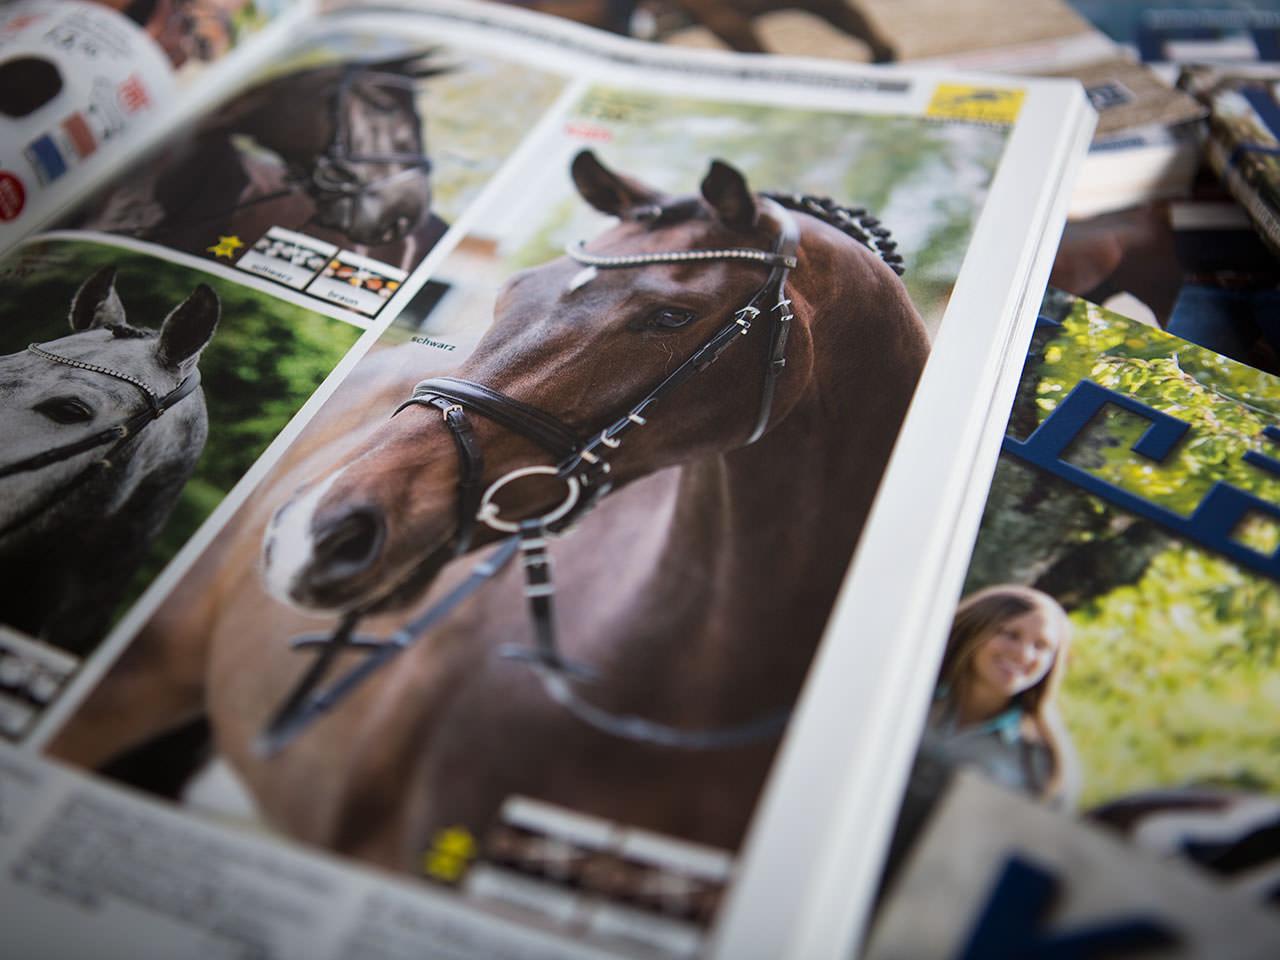 Sabath Media Werbeagentur - Krämer Pferdesport – Projektbeispiel - Referenzbild 1